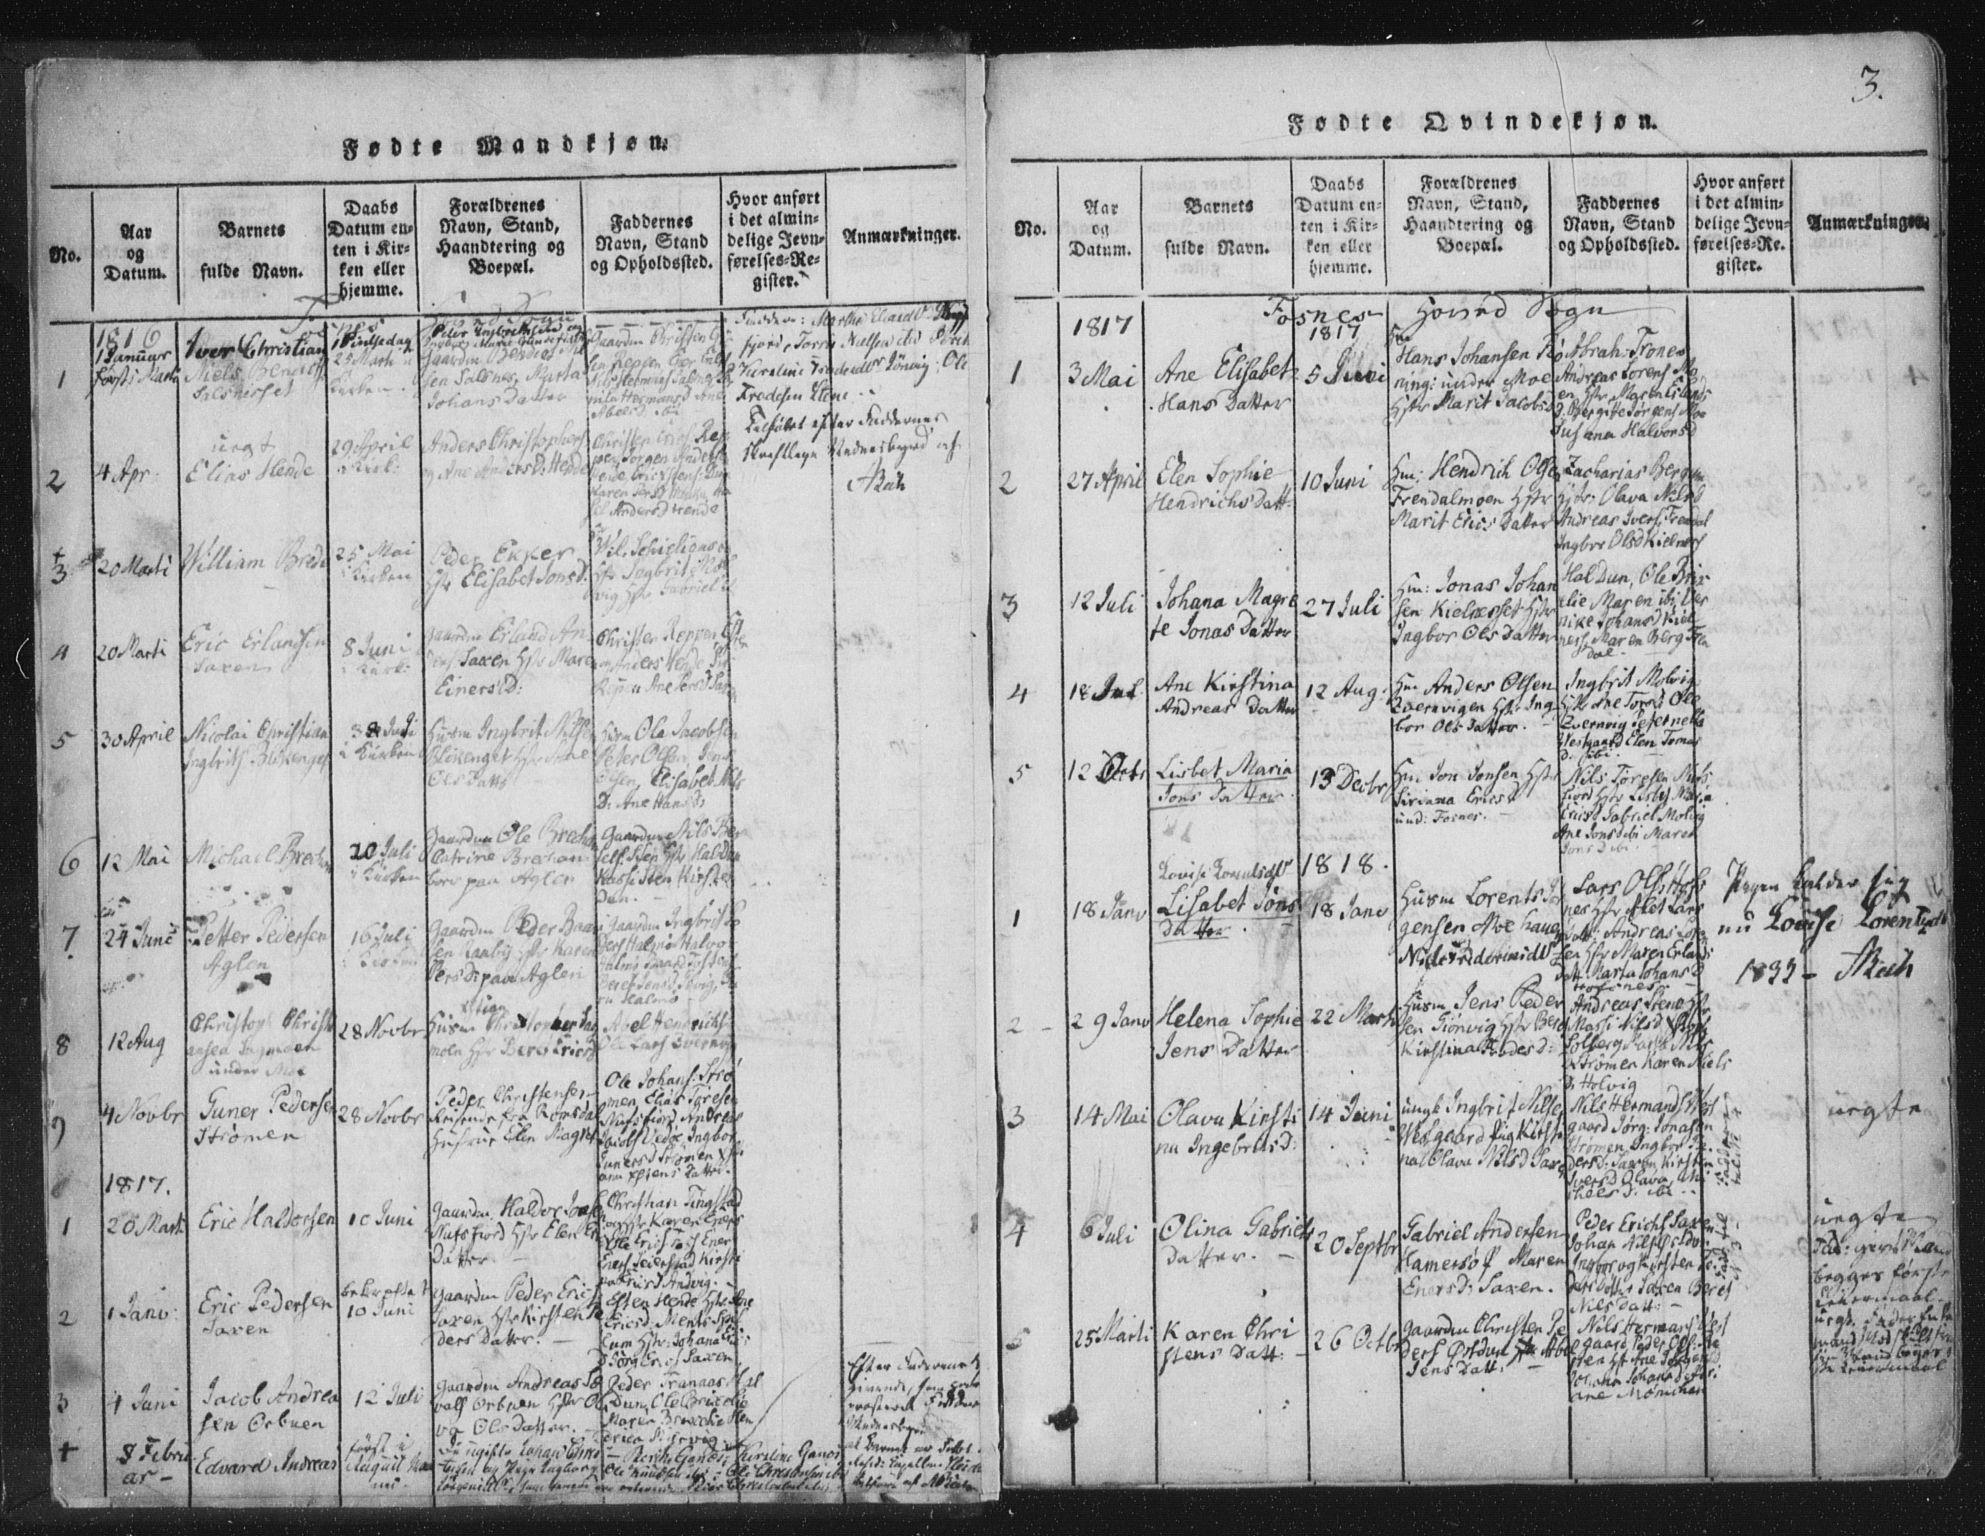 SAT, Ministerialprotokoller, klokkerbøker og fødselsregistre - Nord-Trøndelag, 773/L0609: Ministerialbok nr. 773A03 /1, 1815-1830, s. 3